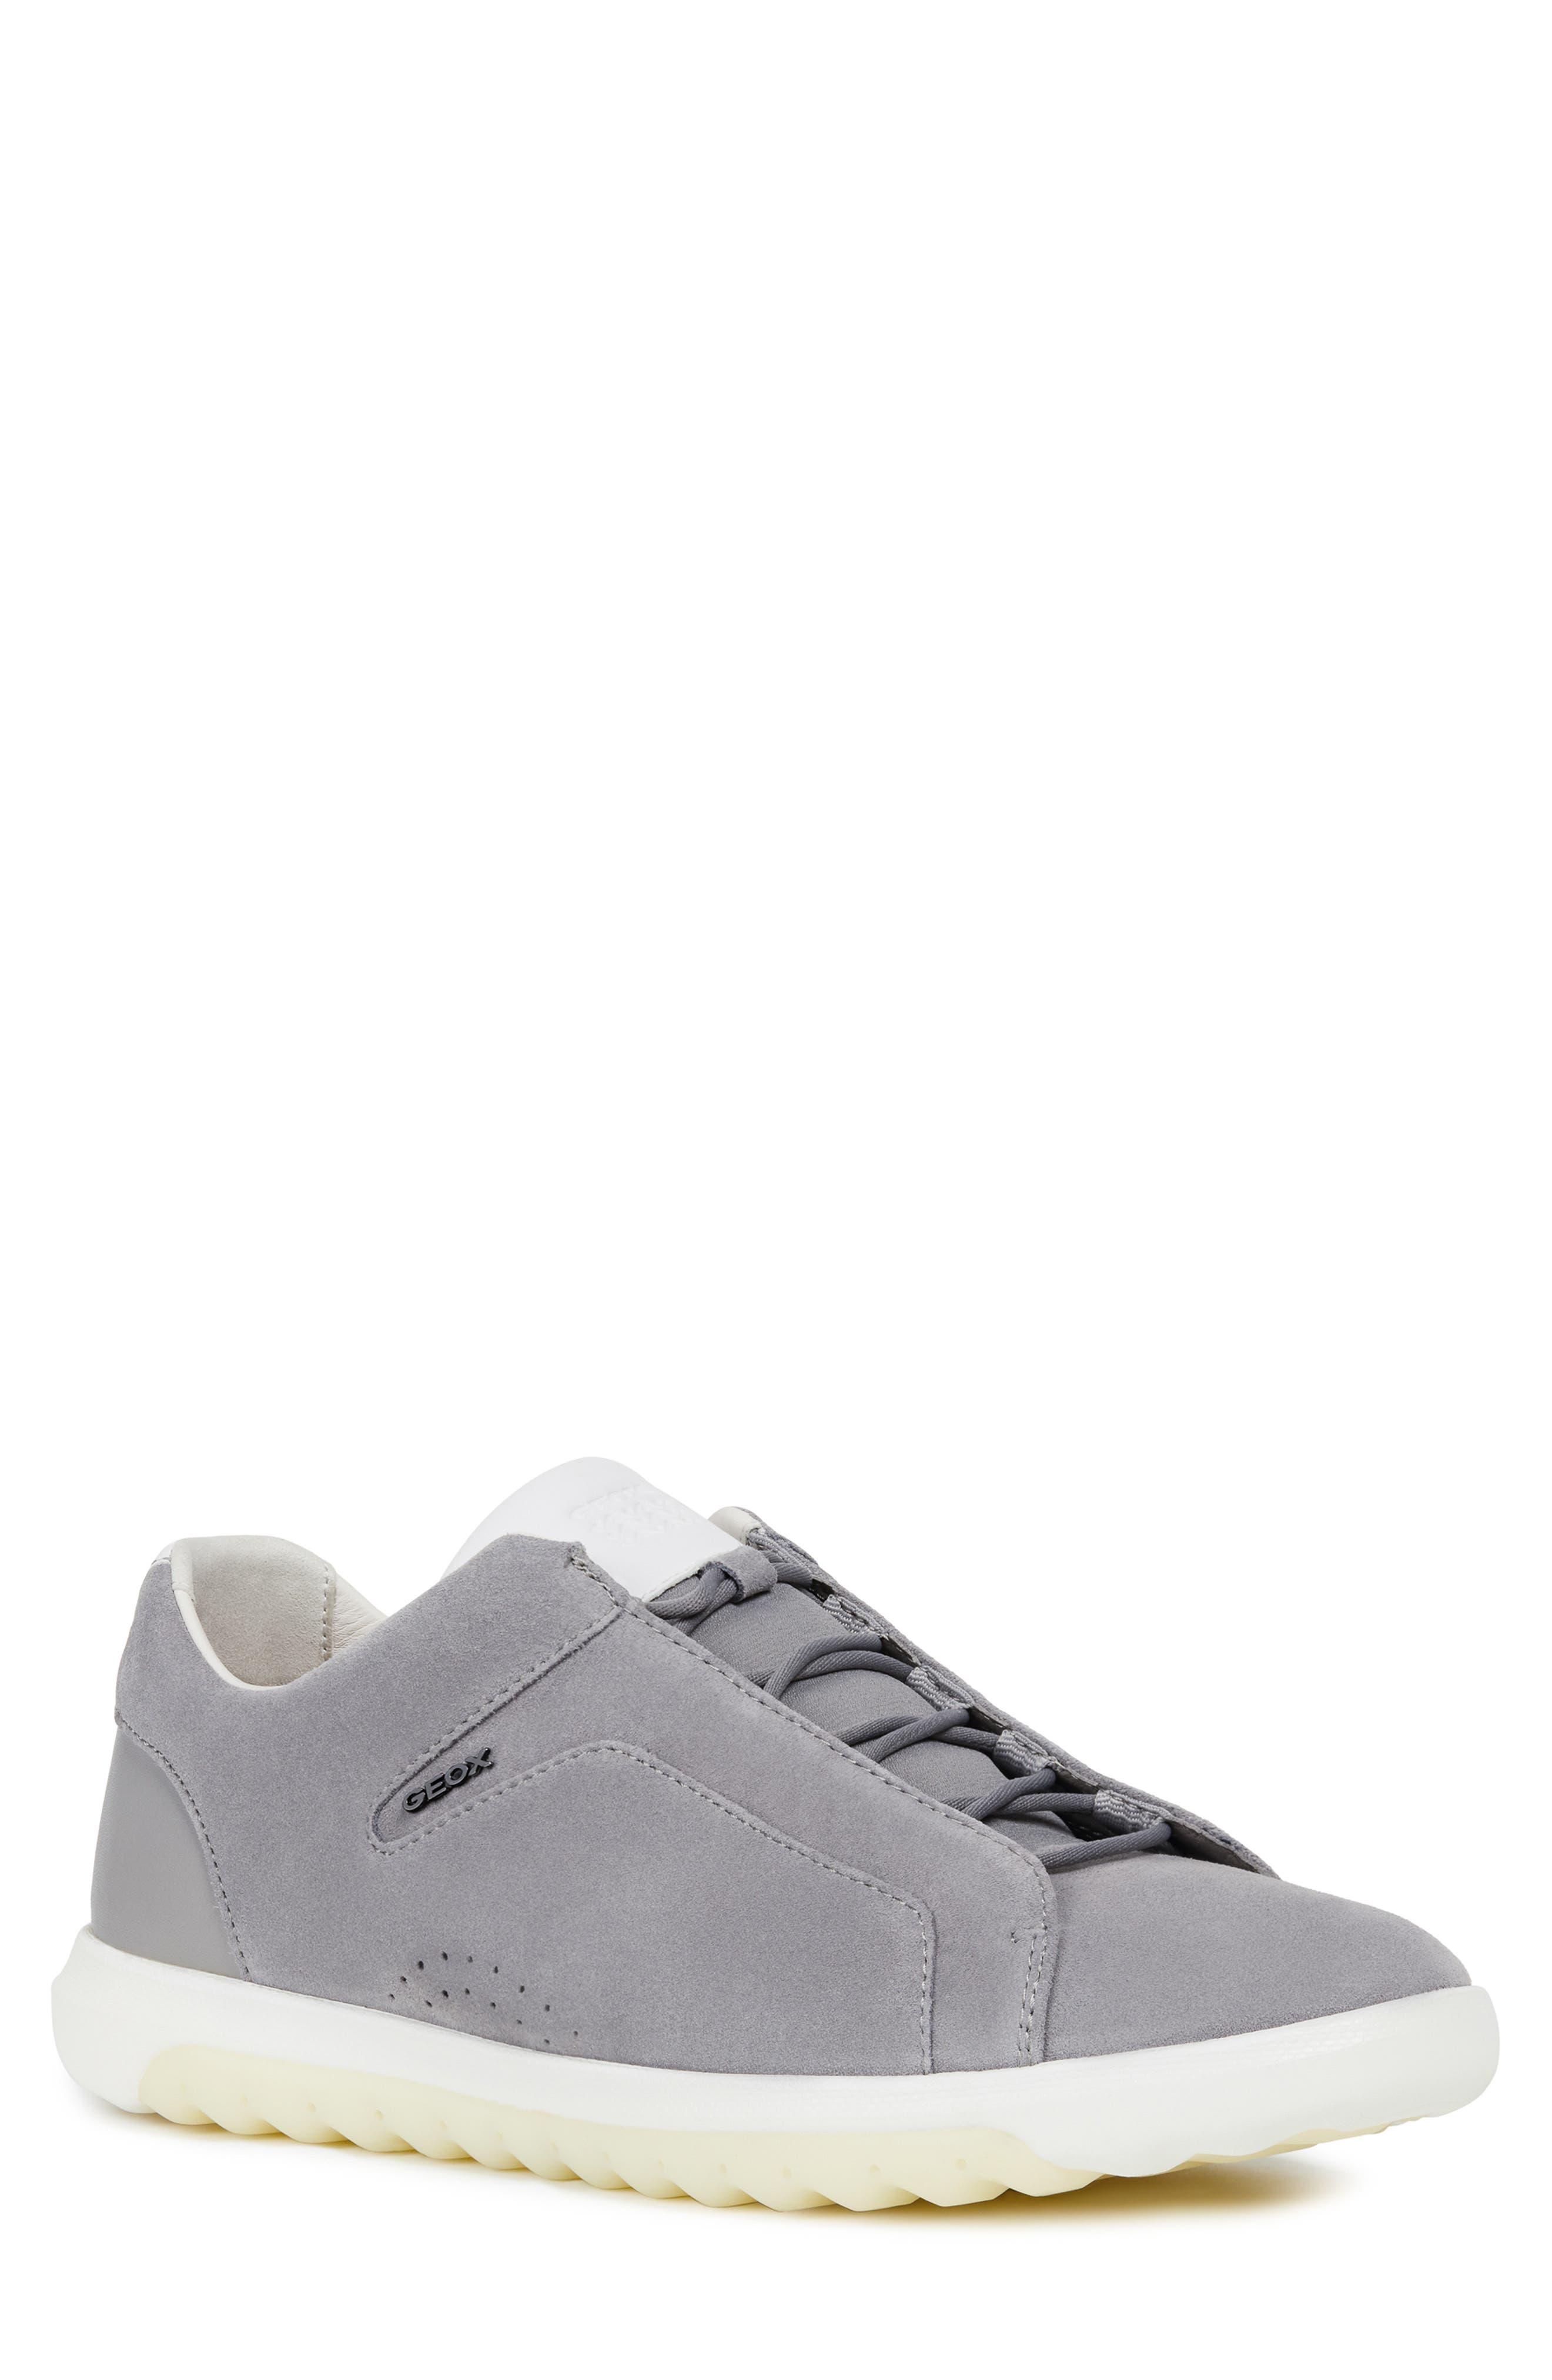 Nexside 1 Sneaker,                             Main thumbnail 1, color,                             STONE